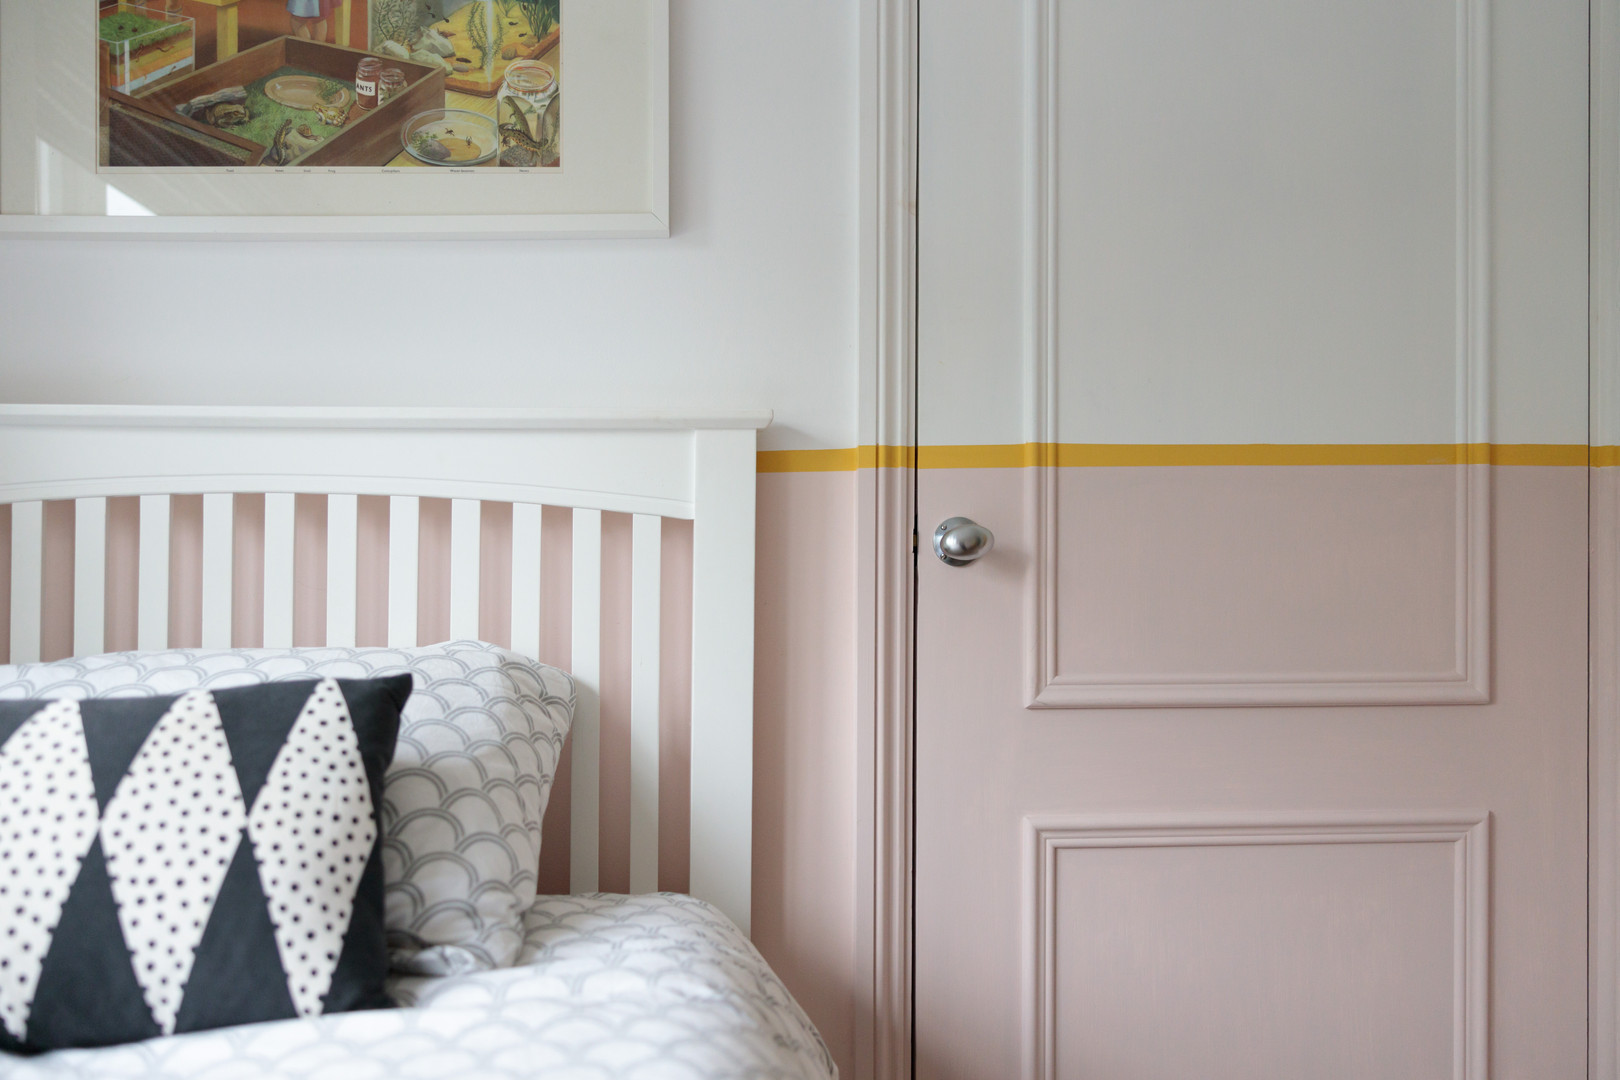 050-Studio-Hanson-Bedroom.jpg